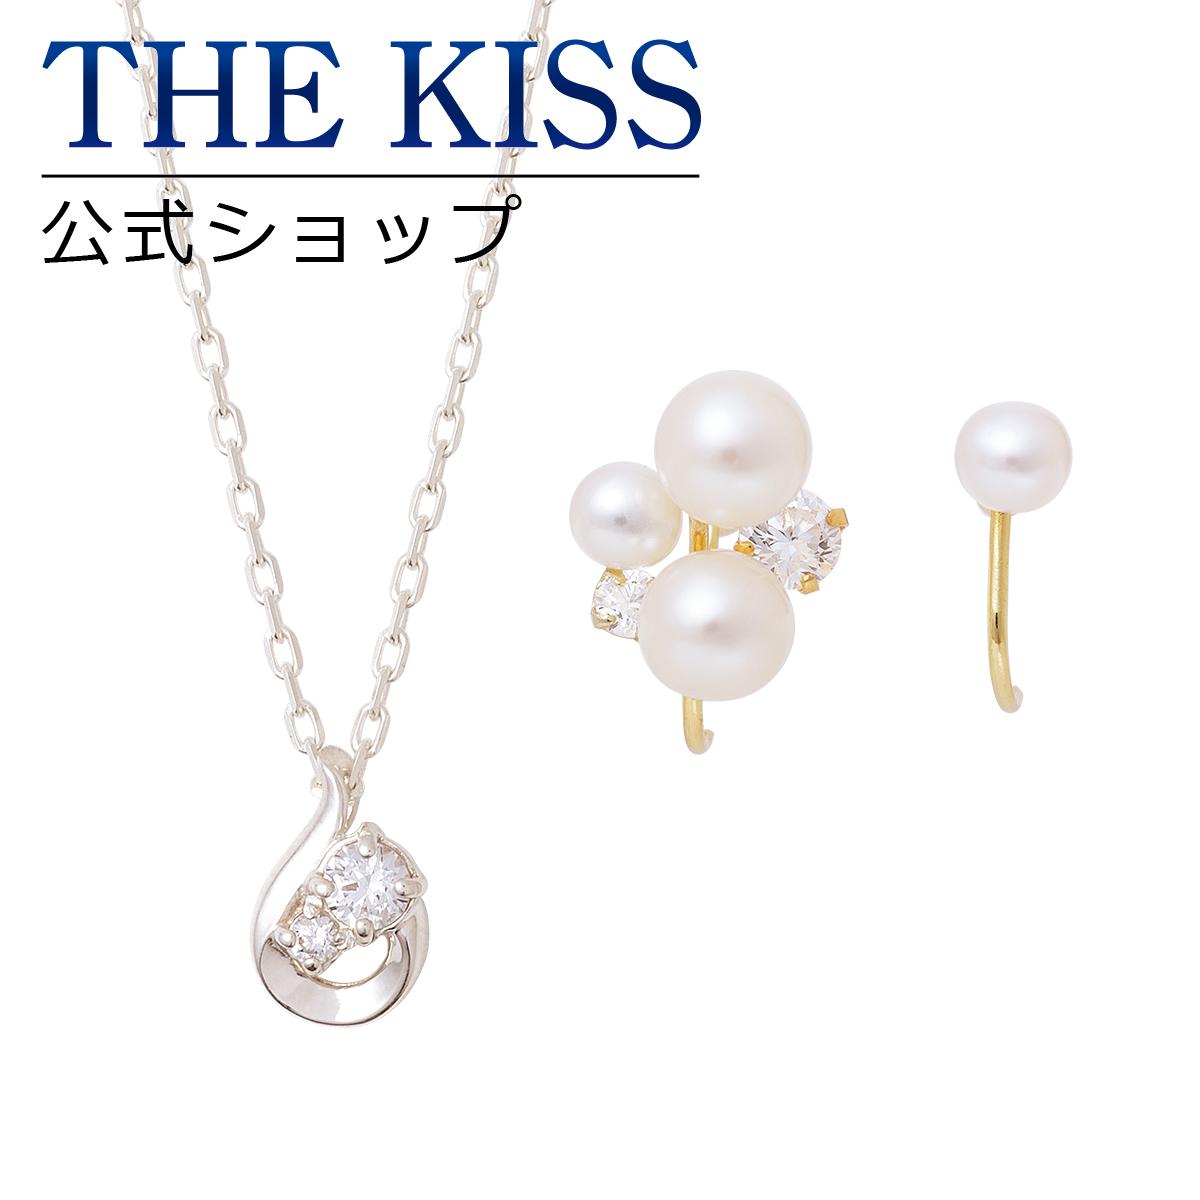 【あす楽対応】【THE KISS sweets】 レディースセット /レディースネックレス / レディースイヤリング / シルバー ネックレス / イエローゴールド イヤリング / THE KISS イヤリング ネックレス K10 SPD7022CB-SA-E011PL セット シンプル ザキス 【送料無料】